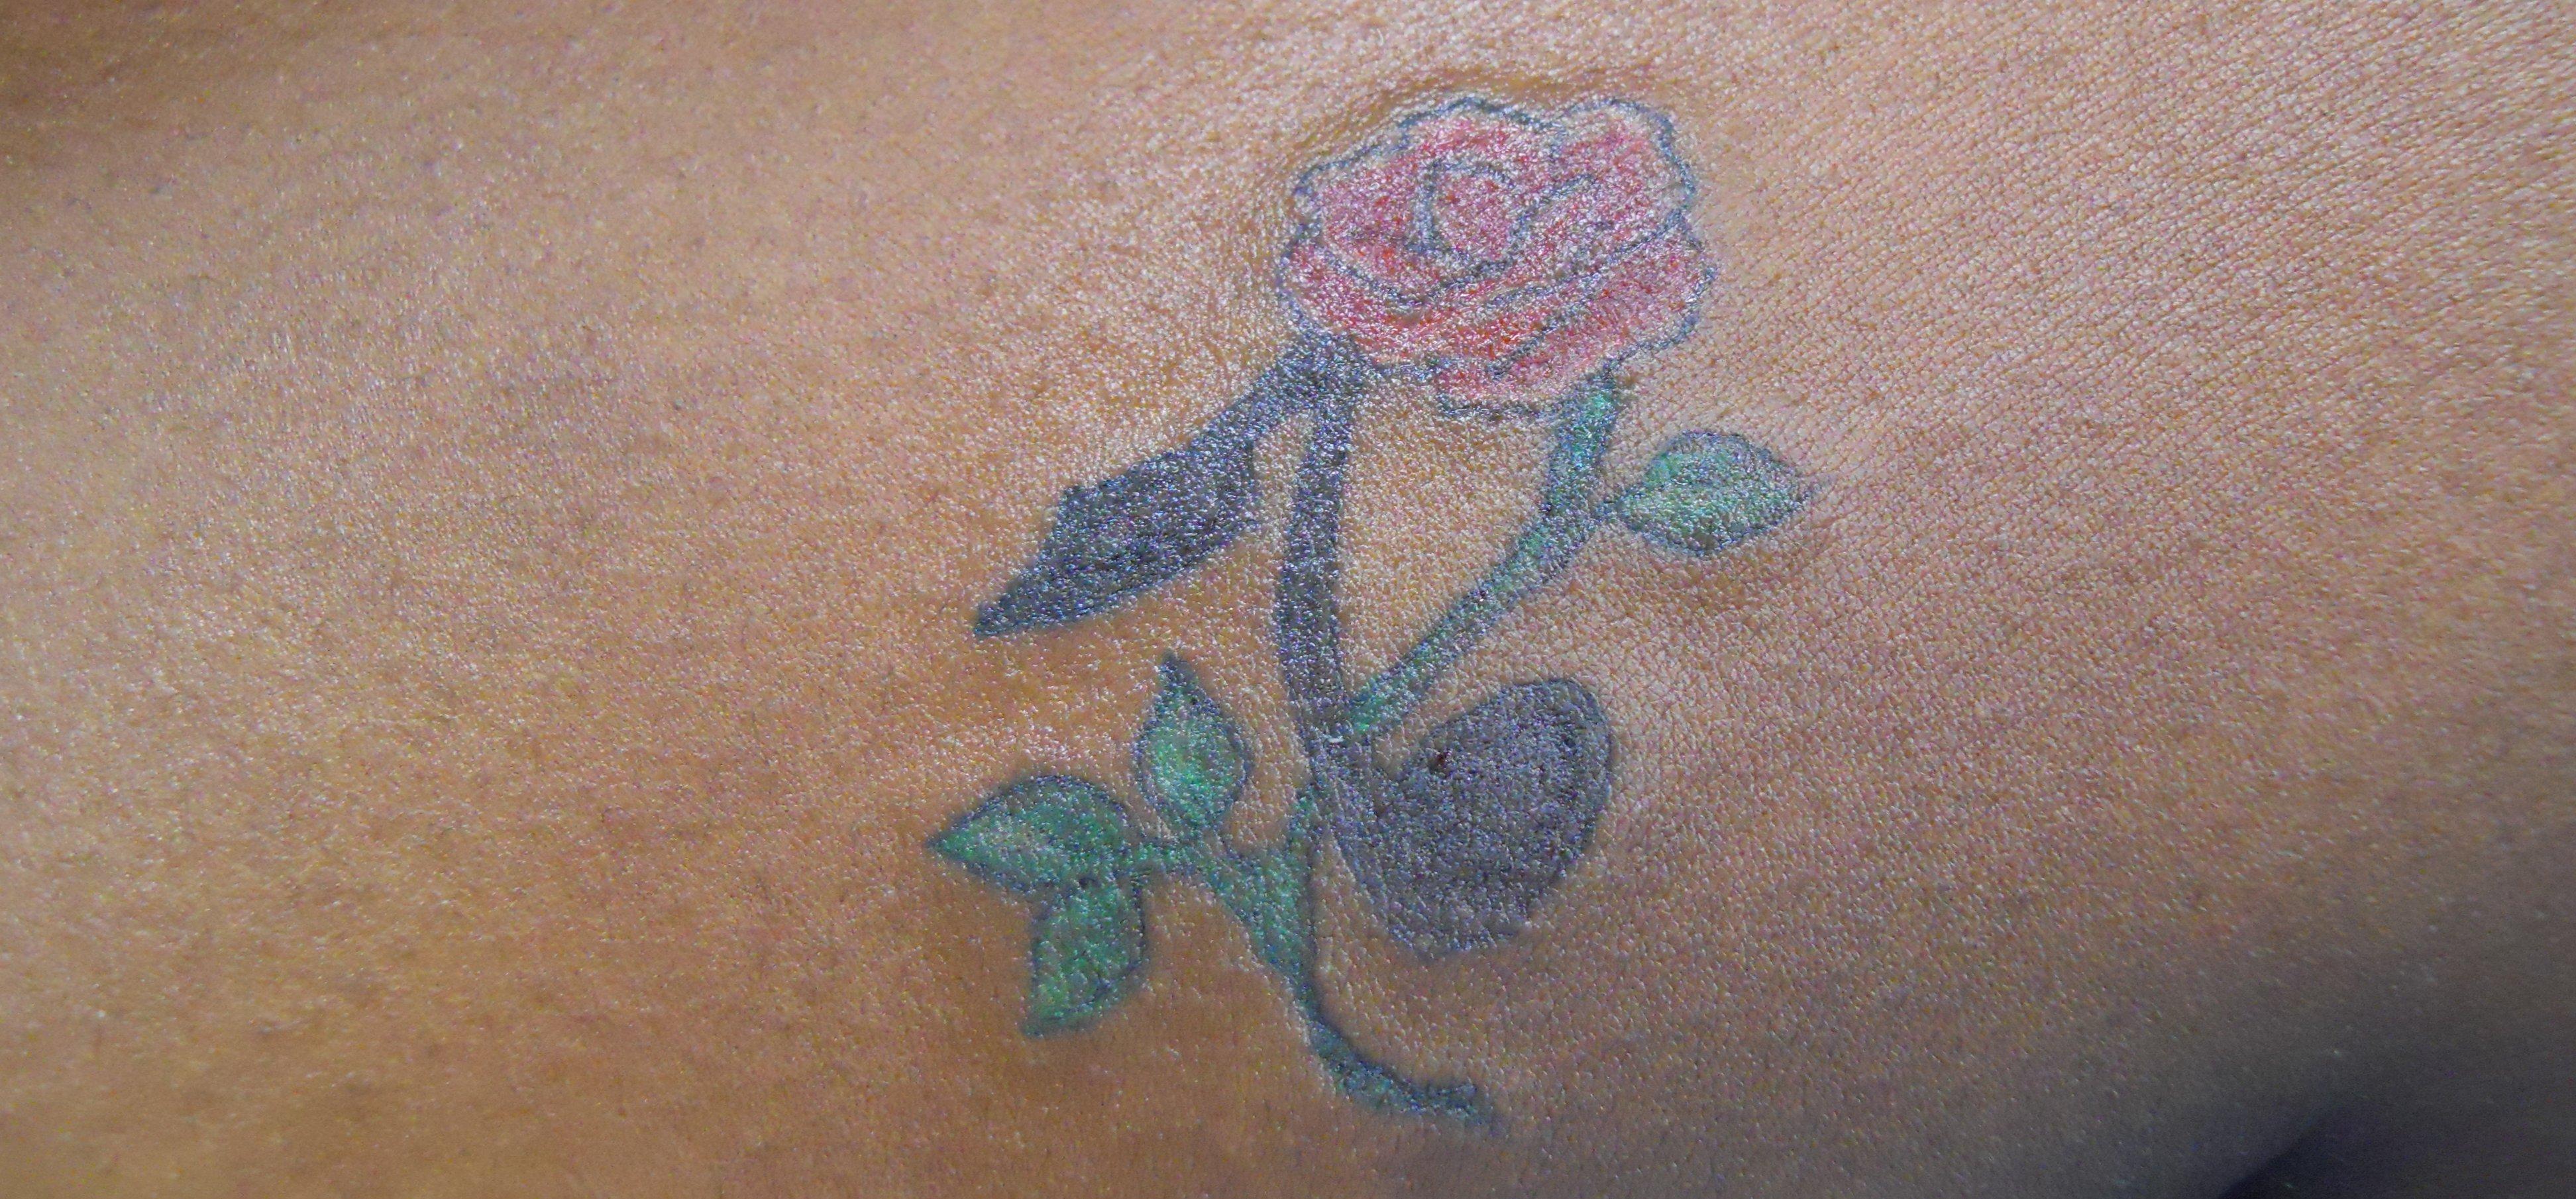 Kleine Blumen Tattoos alletattoo.de 4